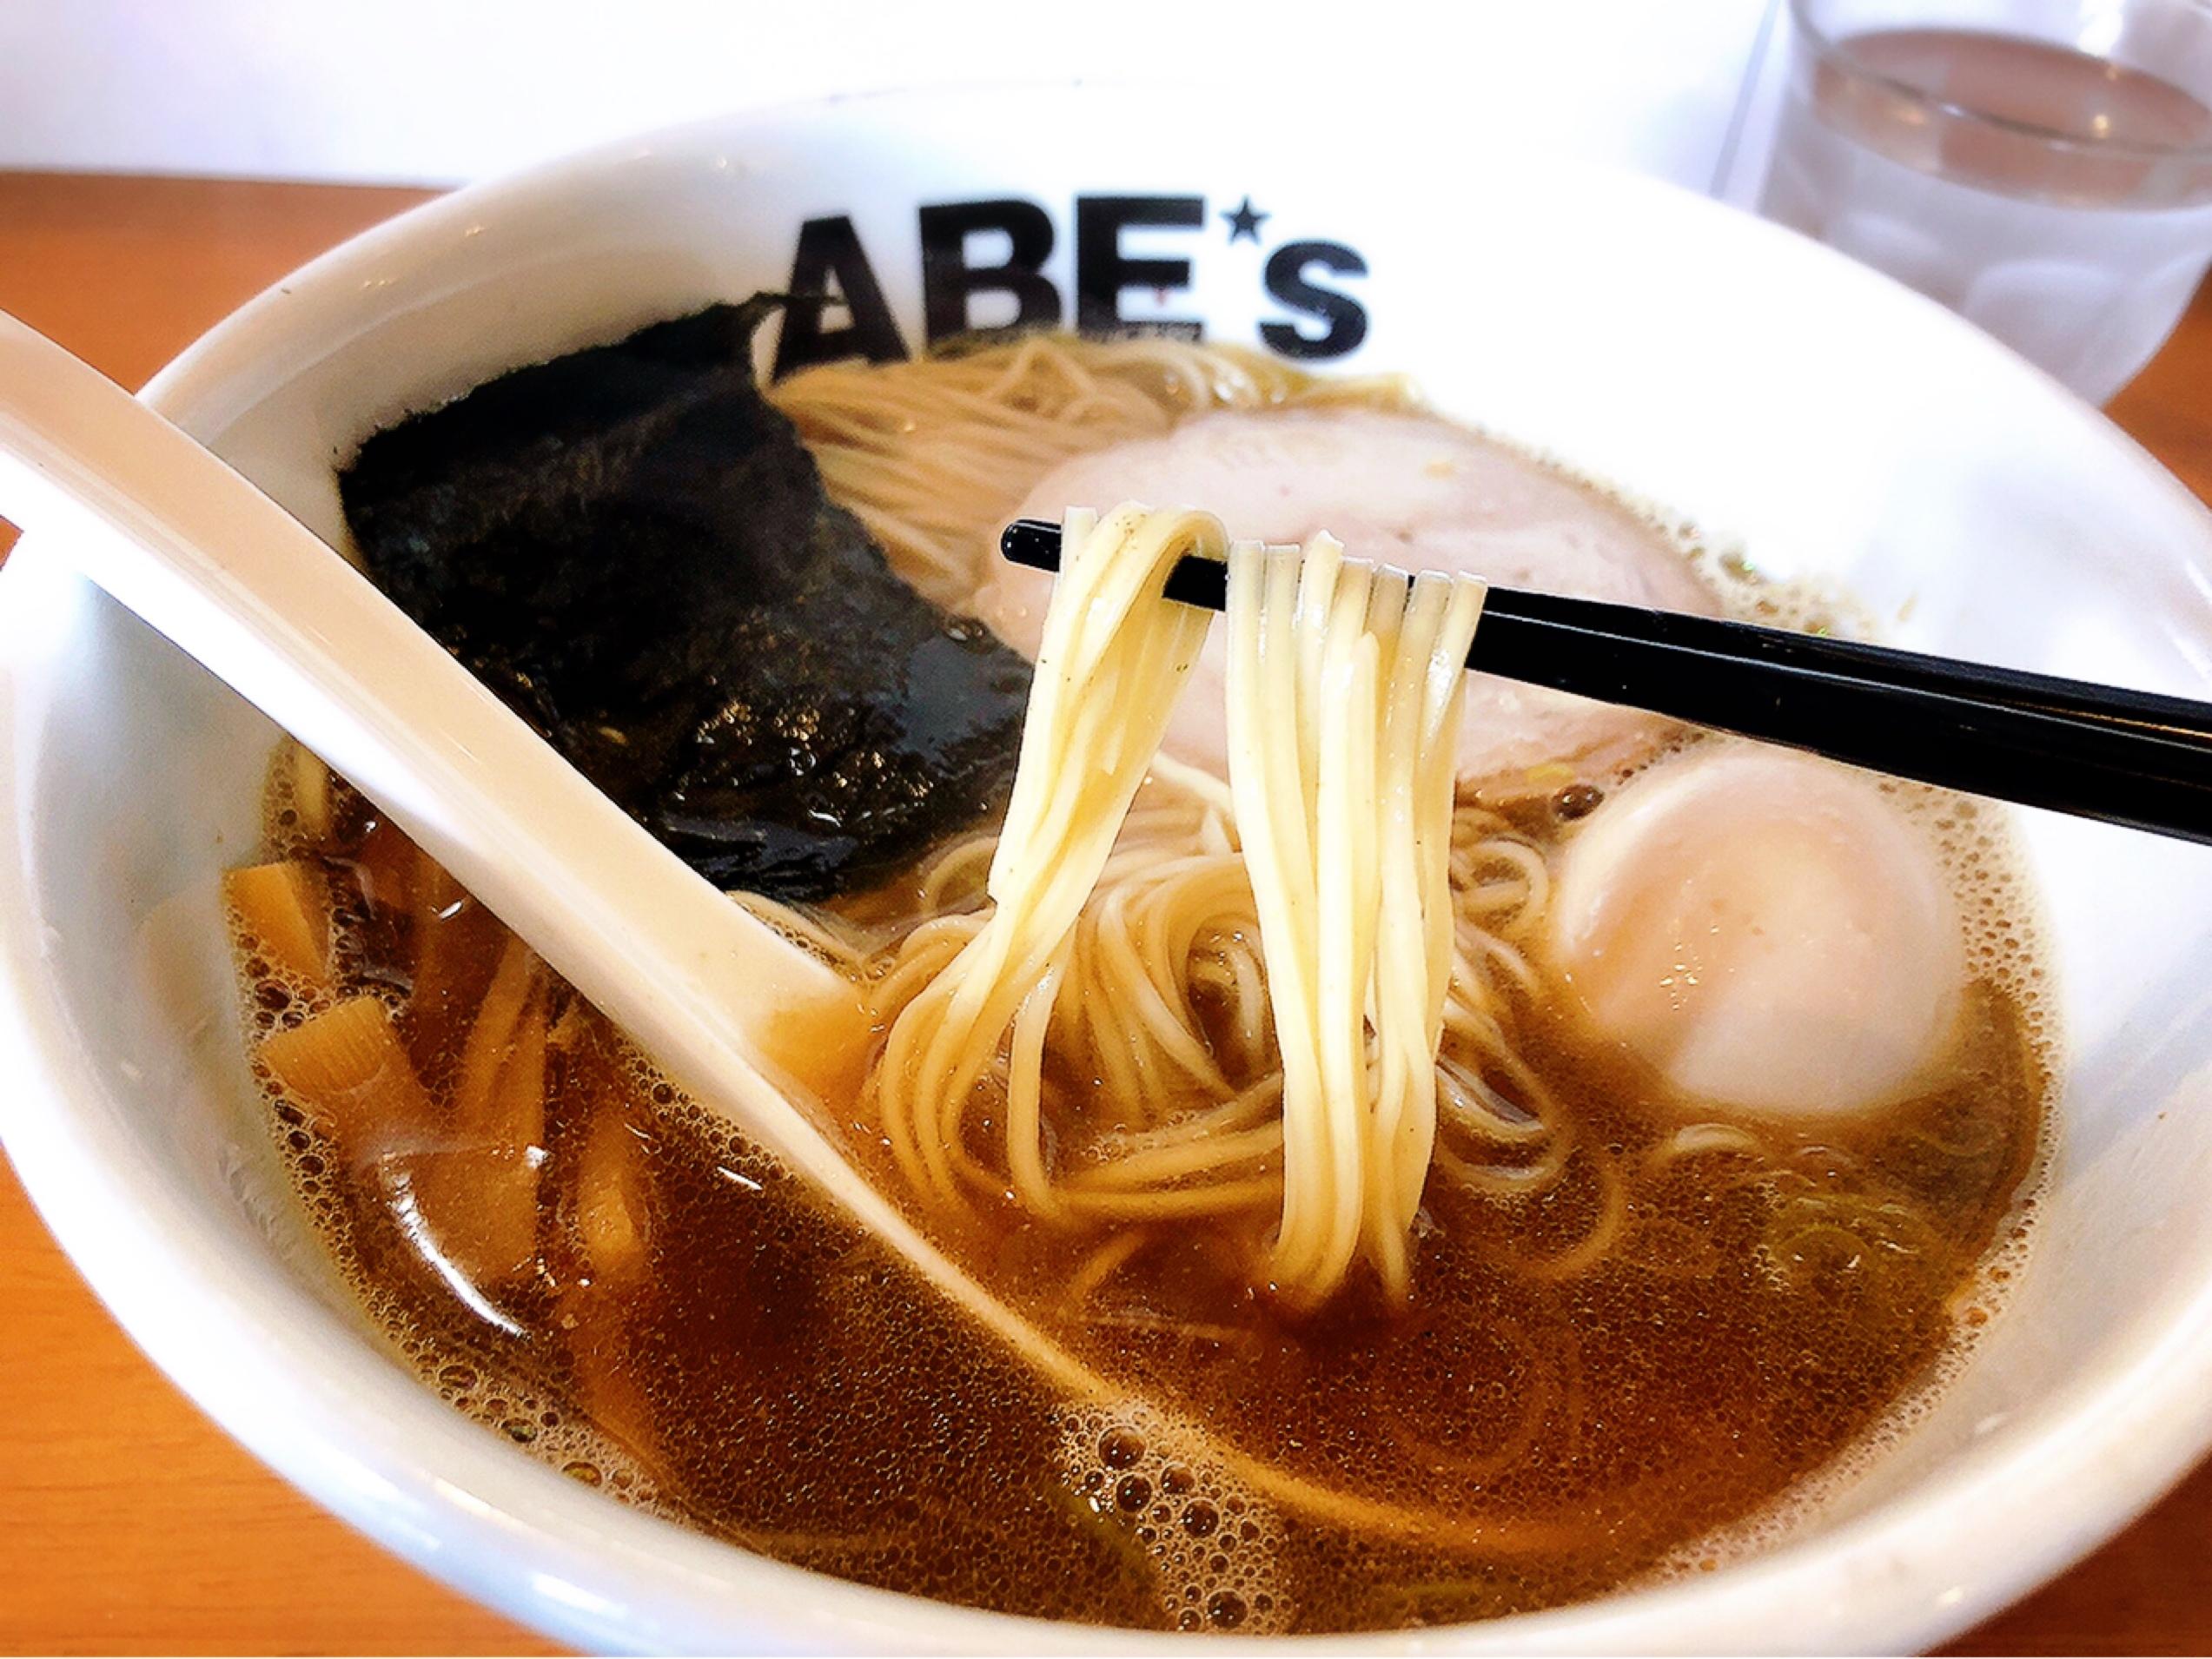 【#静岡】大人気のラーメン屋さんABE's♡煮干しラーメンが絶品( ´ ▽ ` )!_5